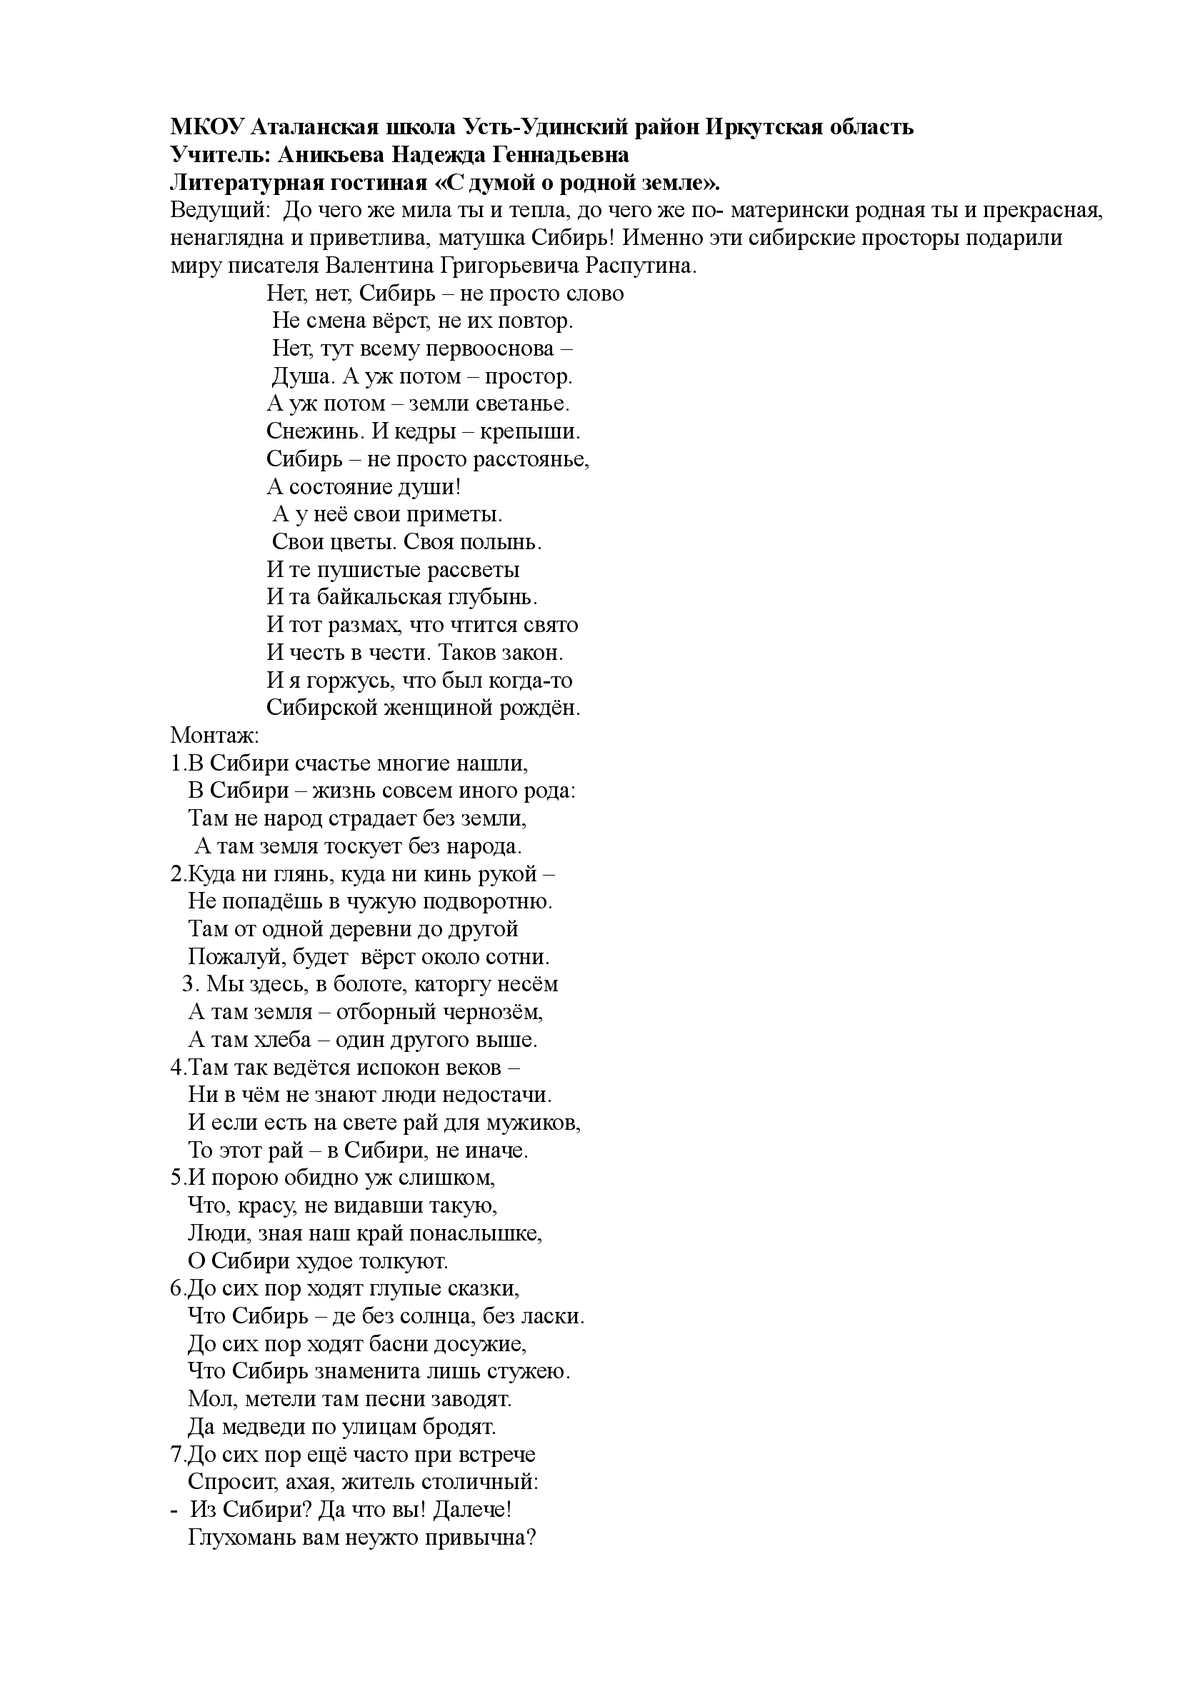 """Литературная гостиная """"Распутин В.Г."""""""